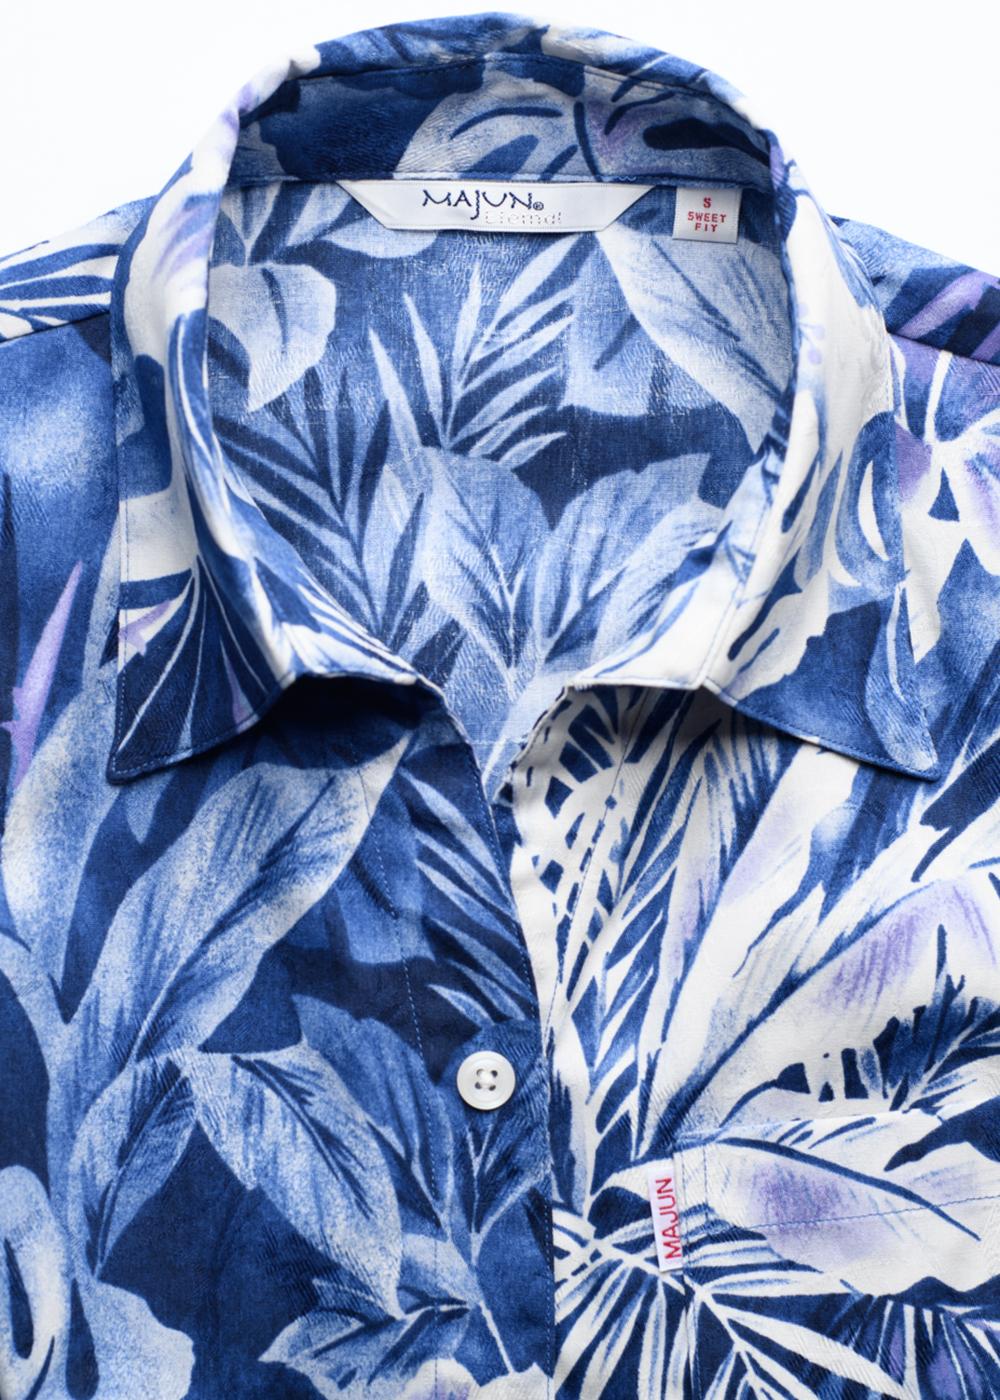 かりゆしウェア(沖縄版アロハシャツ) MAJUN - ミストジャングル